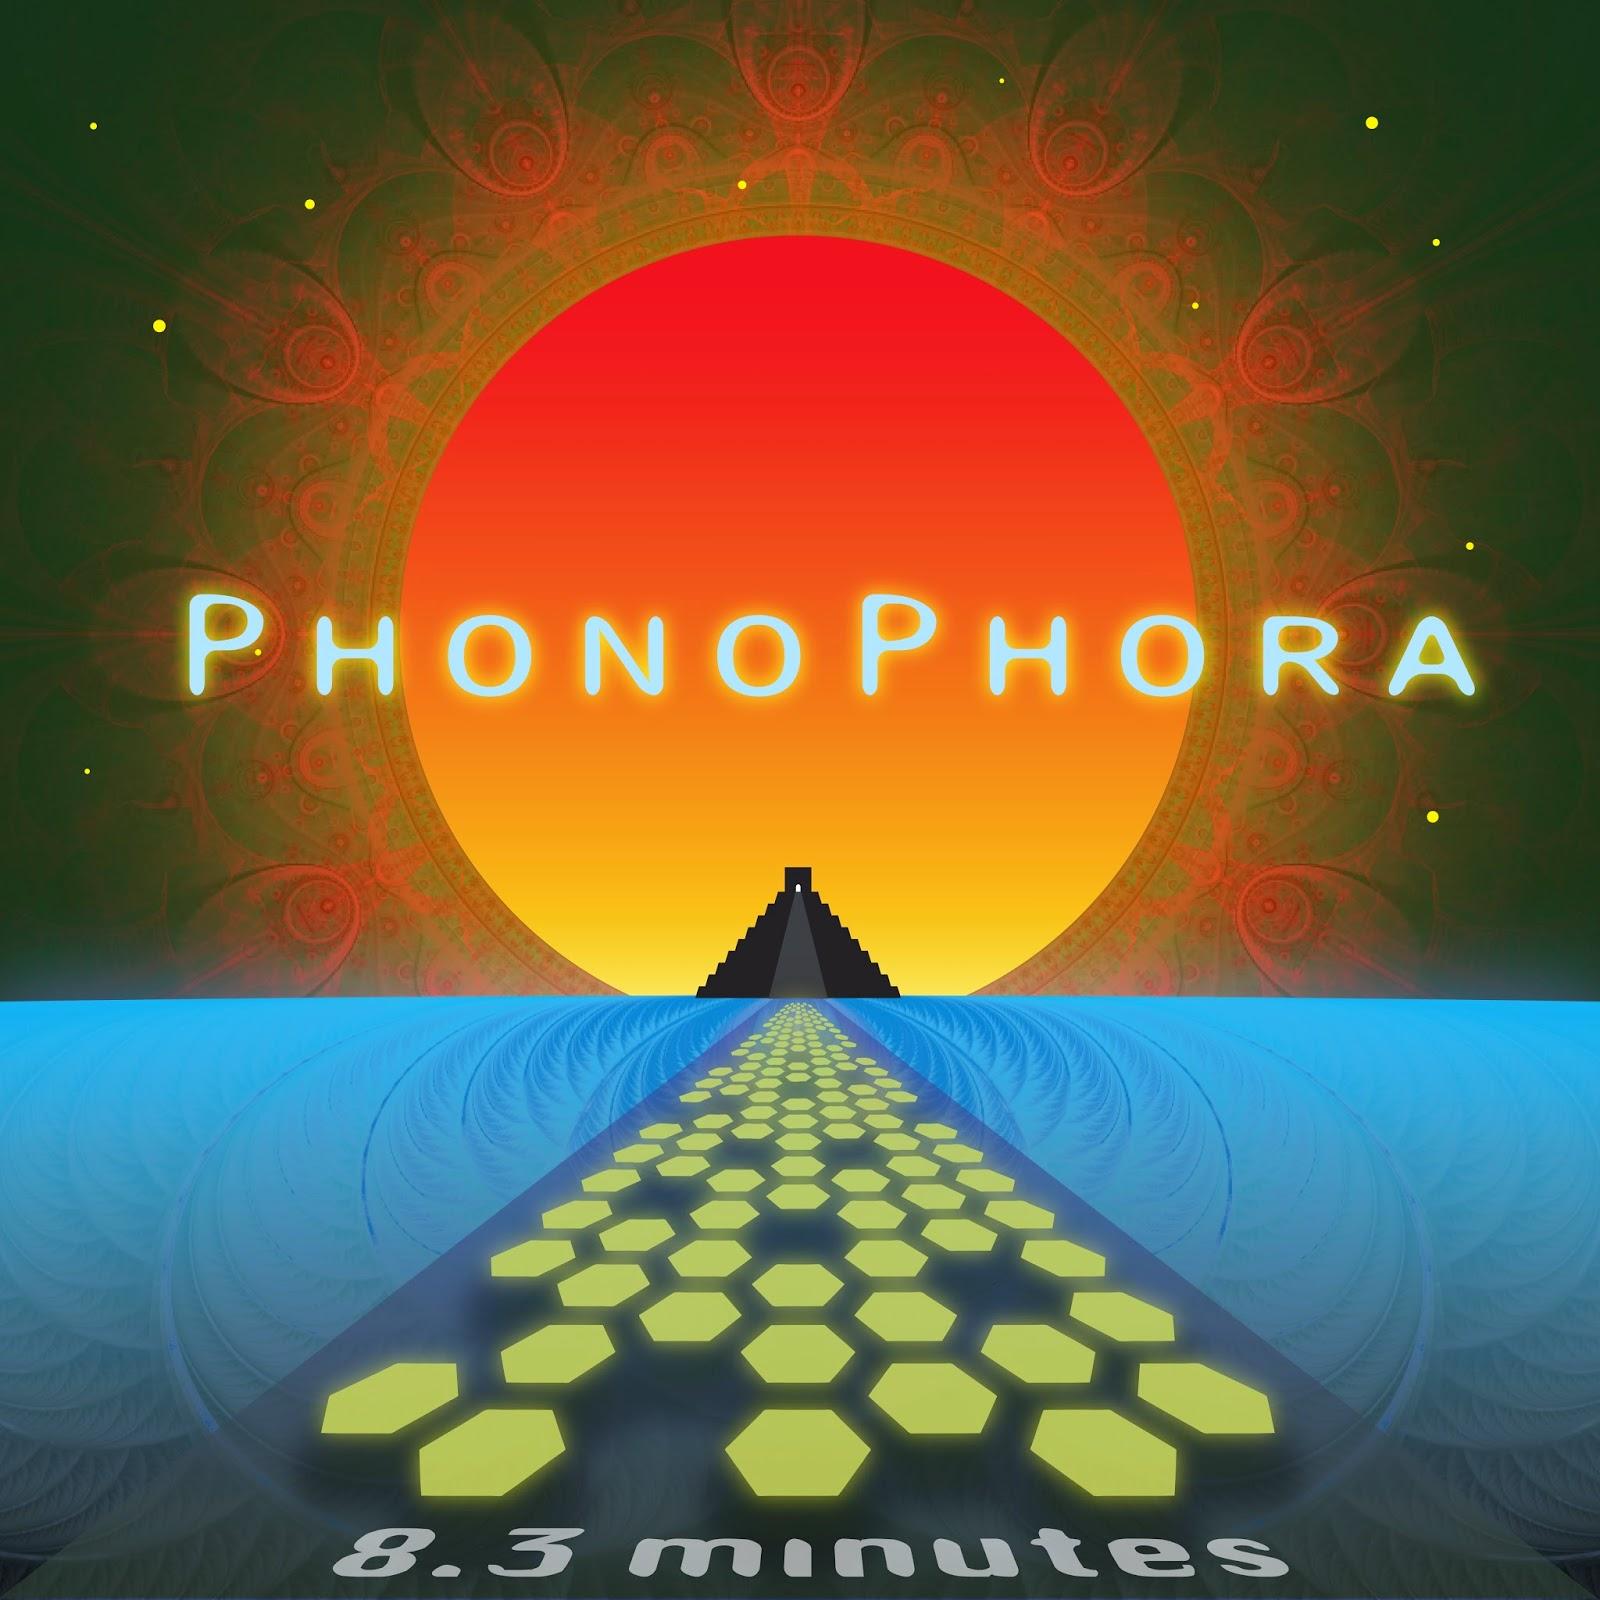 PhonoPhora - 8.3 Minutes [NCPR015] PhonoPhora%2B8.3